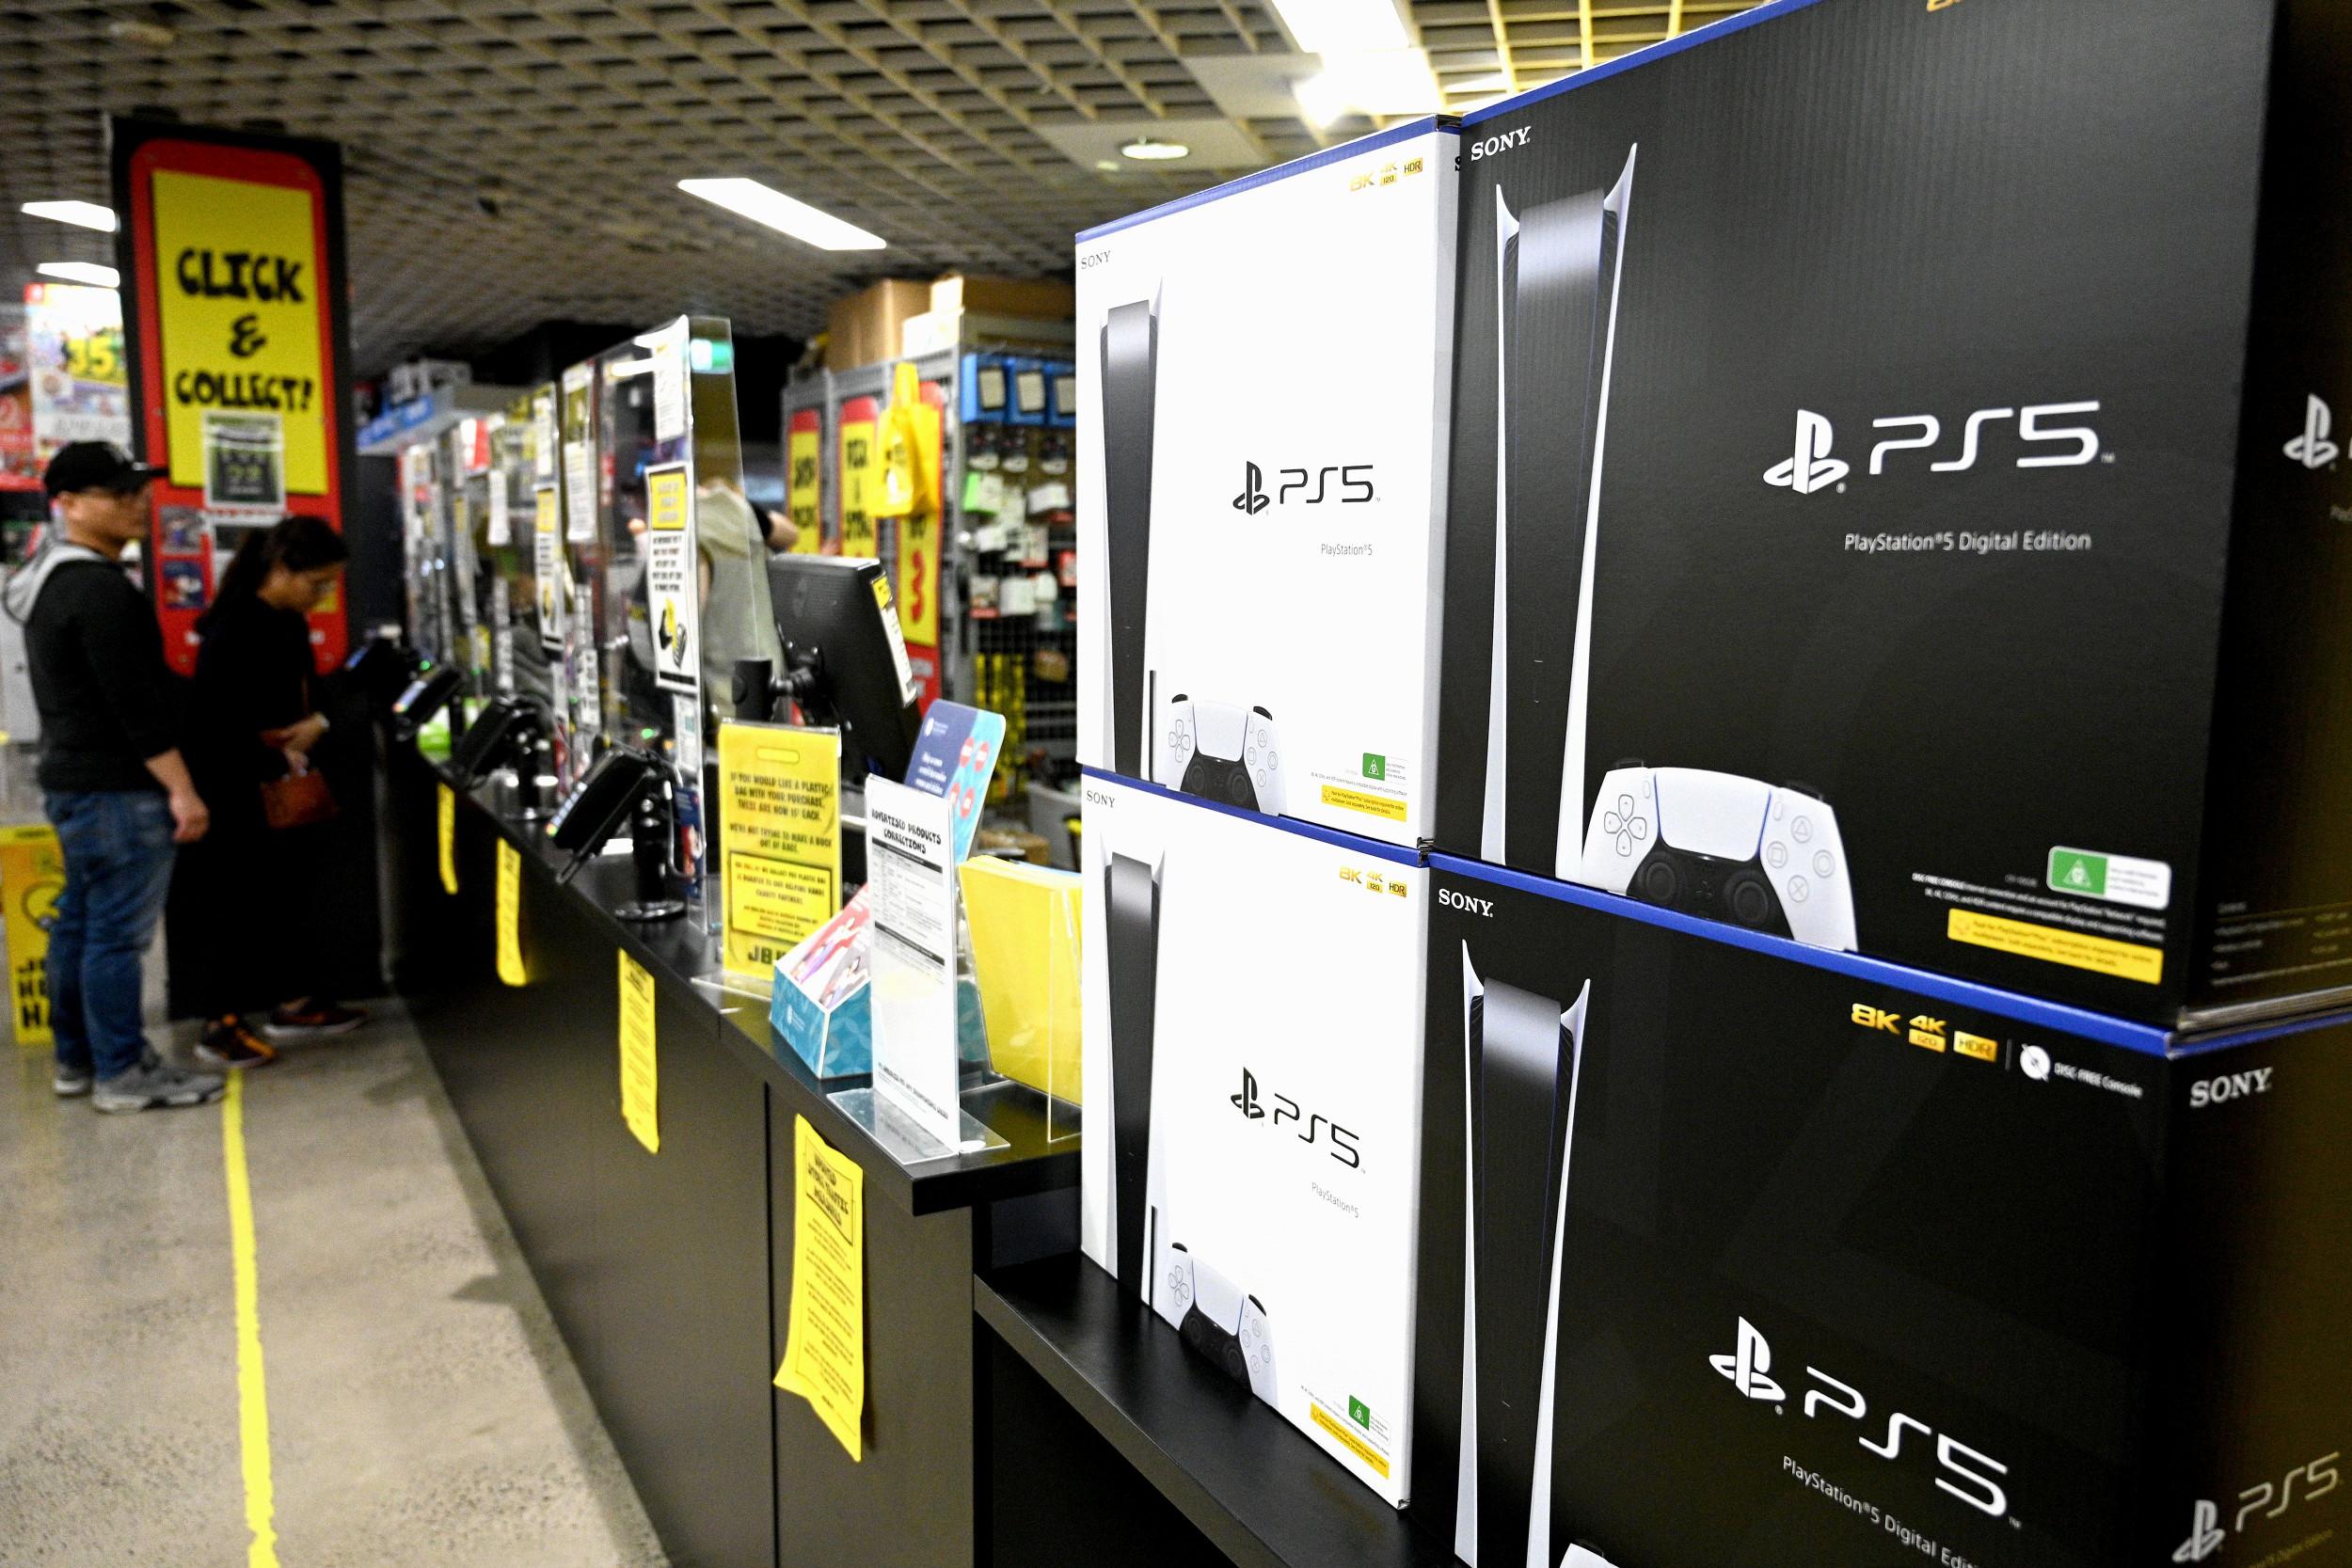 PS5 Restock Update for Amazon, Target, Antonline, Walmart, GameStop and More - Newsweek